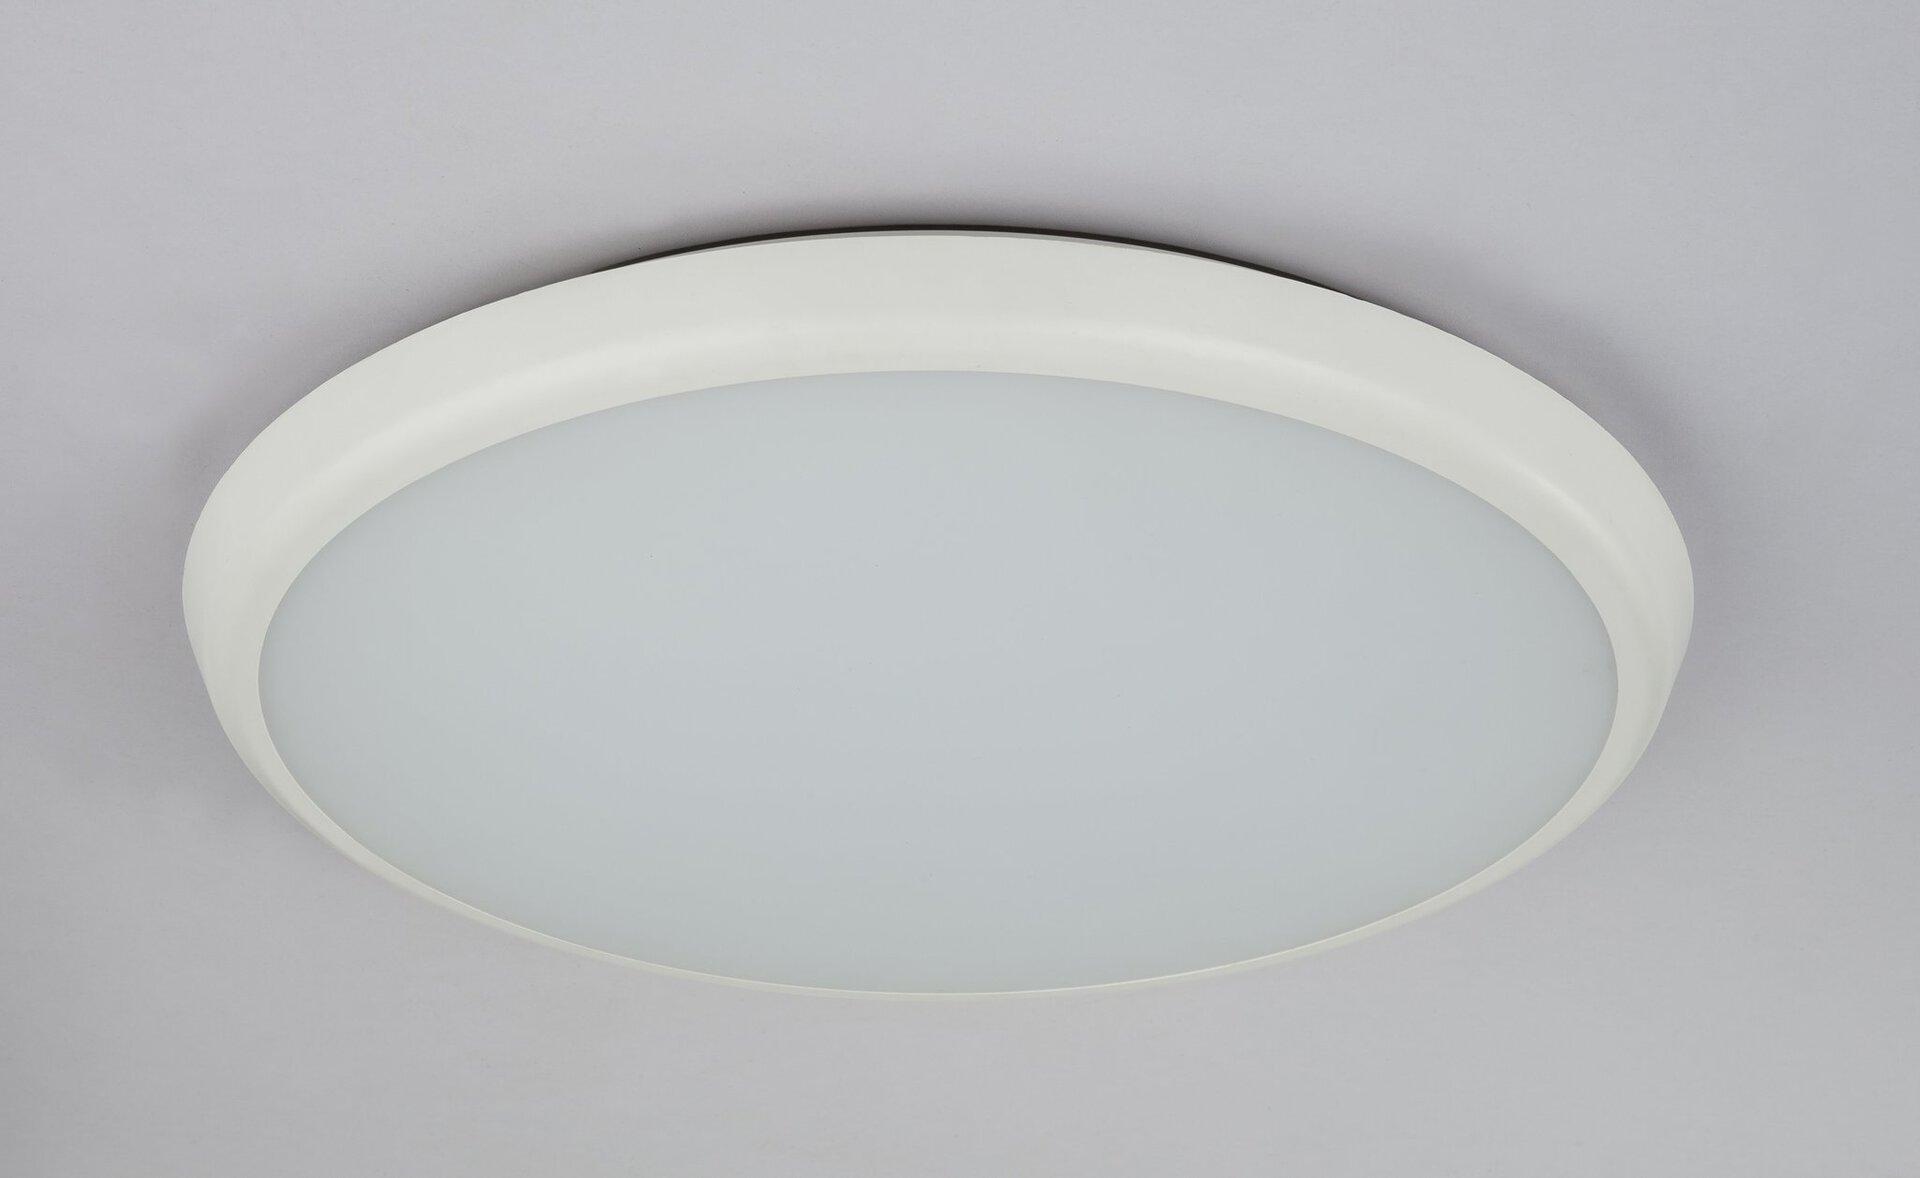 Decken-Aussenleuchte AEMON Globo Kunststoff weiß 40 x 5 x 40 cm